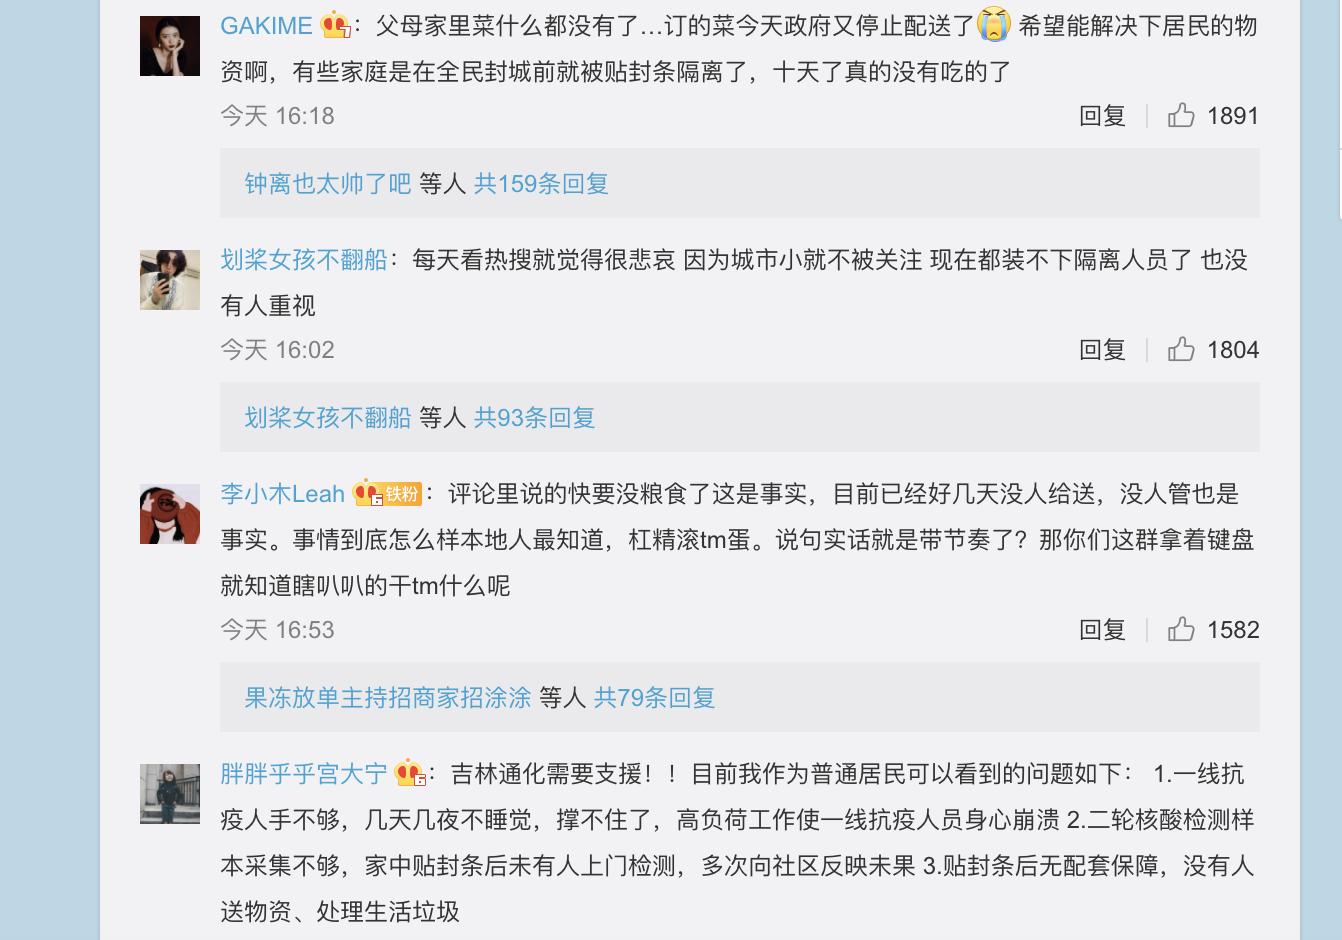 吉林省通化市實行「封戶令」,民眾缺糧斷糧情況嚴重。(微博截圖)